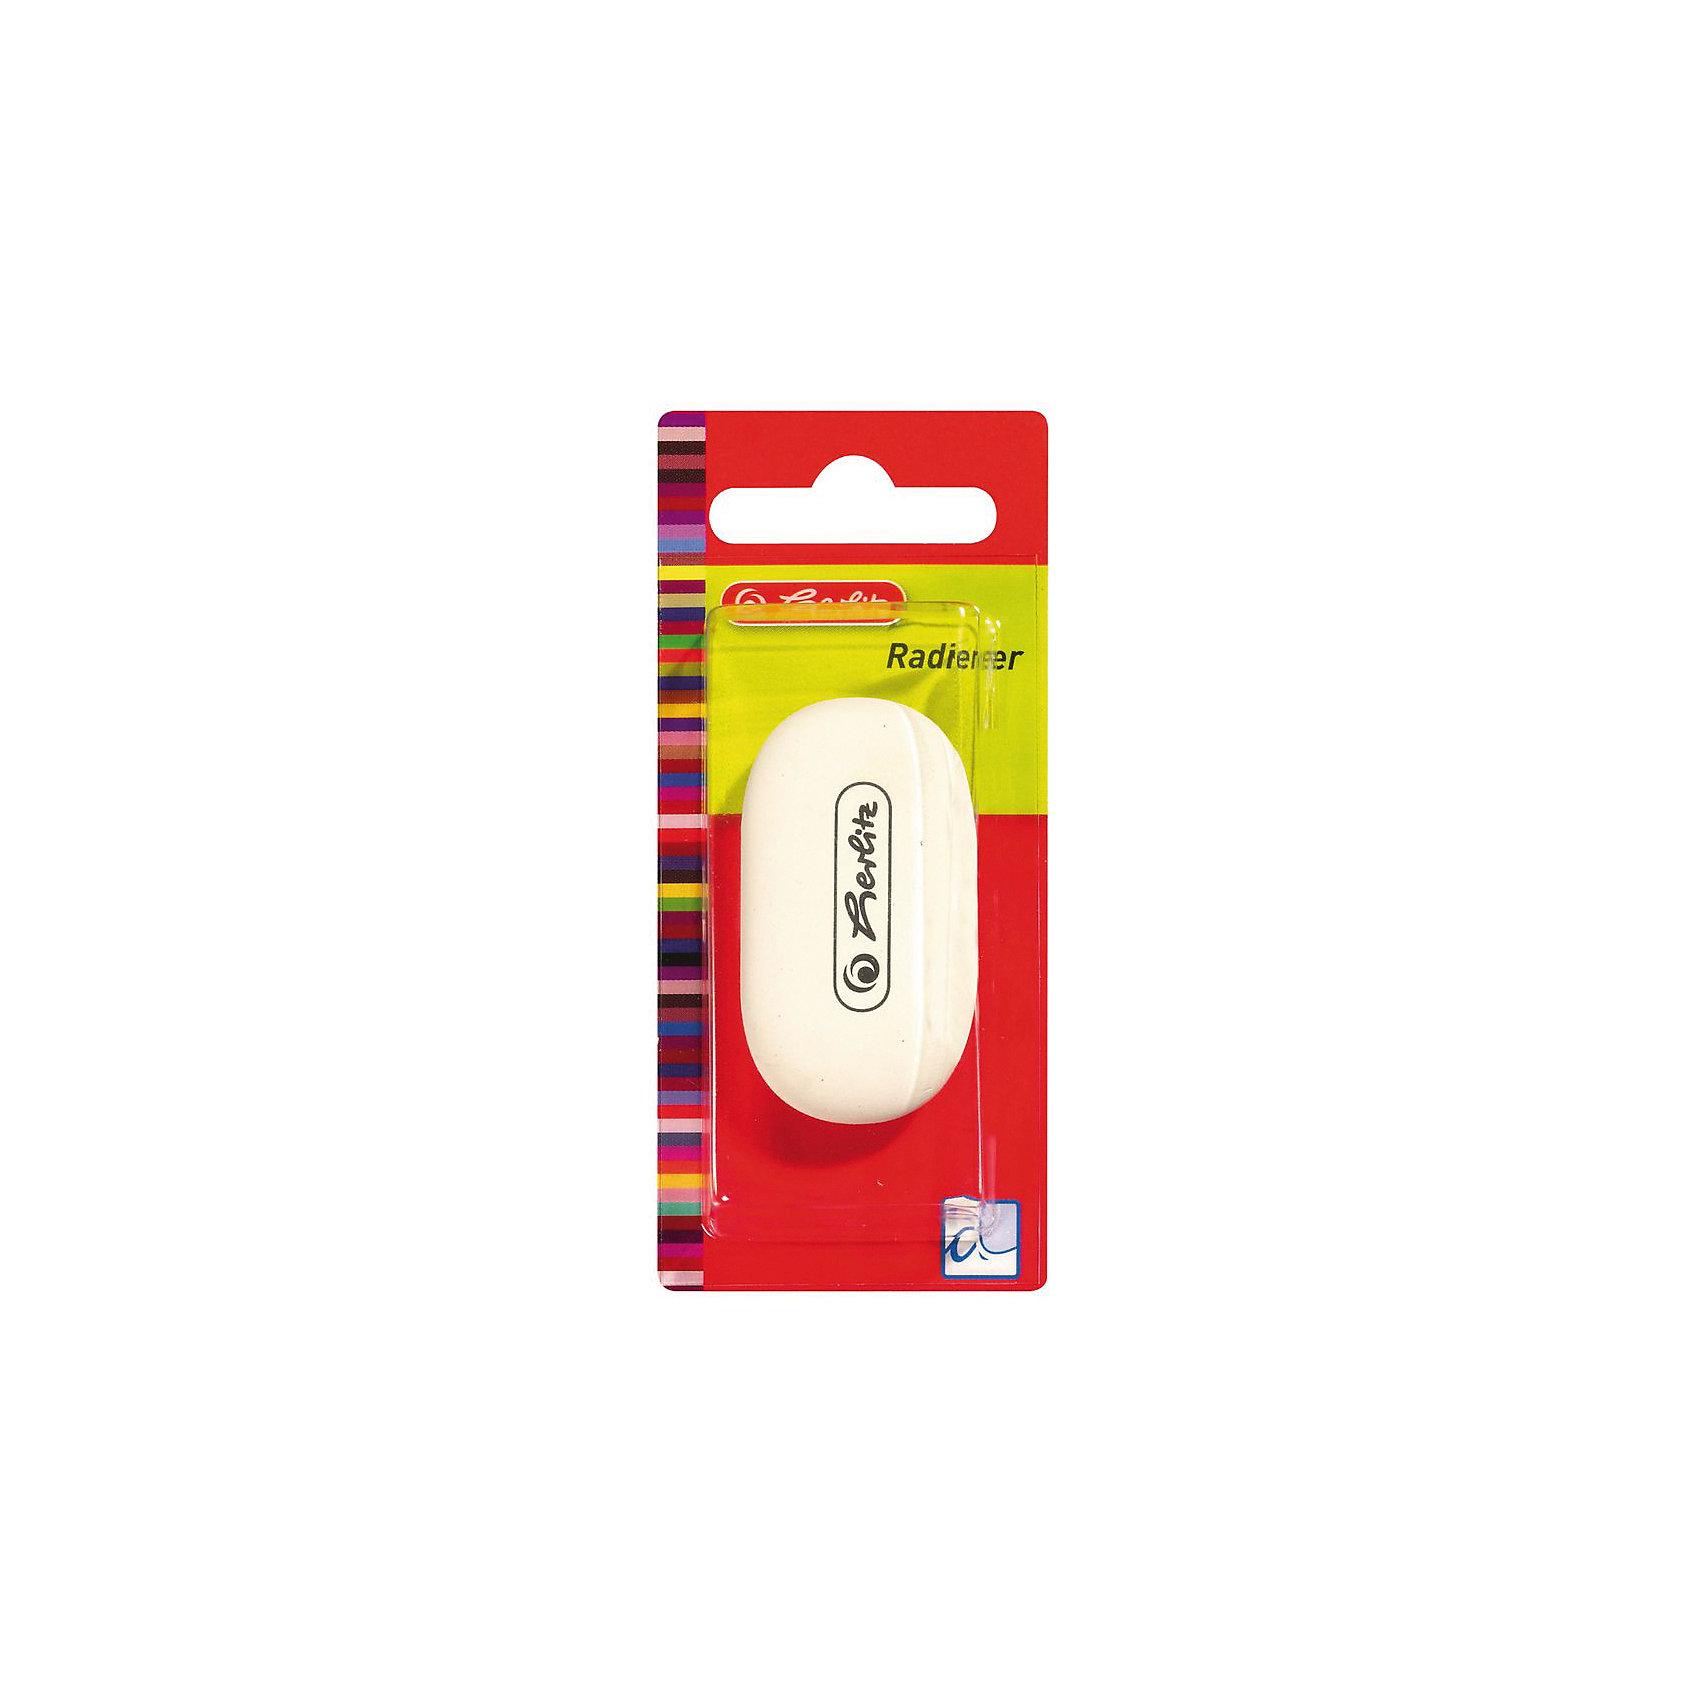 Herlitz Ластик овальный, белый, блистерЧертежные принадлежности<br>Характеристики:<br><br>• возраст: от 3 лет<br>• цвет: белый<br>• форма: овал<br>• материал: каучук<br>• упаковка: блистер<br>• размер упаковки: 11х4х2 см.<br><br>Ластик от Herlitz (Херлиц) овальной формы хорошо стирает линии, оставленные графитовыми и цветными карандашами. Он изготовлен из термопластичного каучука. Ластик не повреждает поверхность и не оставляет грязных следов.<br><br>Herlitz Ластик овальный, белый, блистер можно купить в нашем интернет-магазине.<br><br>Ширина мм: 180<br>Глубина мм: 490<br>Высота мм: 110<br>Вес г: 0<br>Возраст от месяцев: 36<br>Возраст до месяцев: 2147483647<br>Пол: Унисекс<br>Возраст: Детский<br>SKU: 6892622